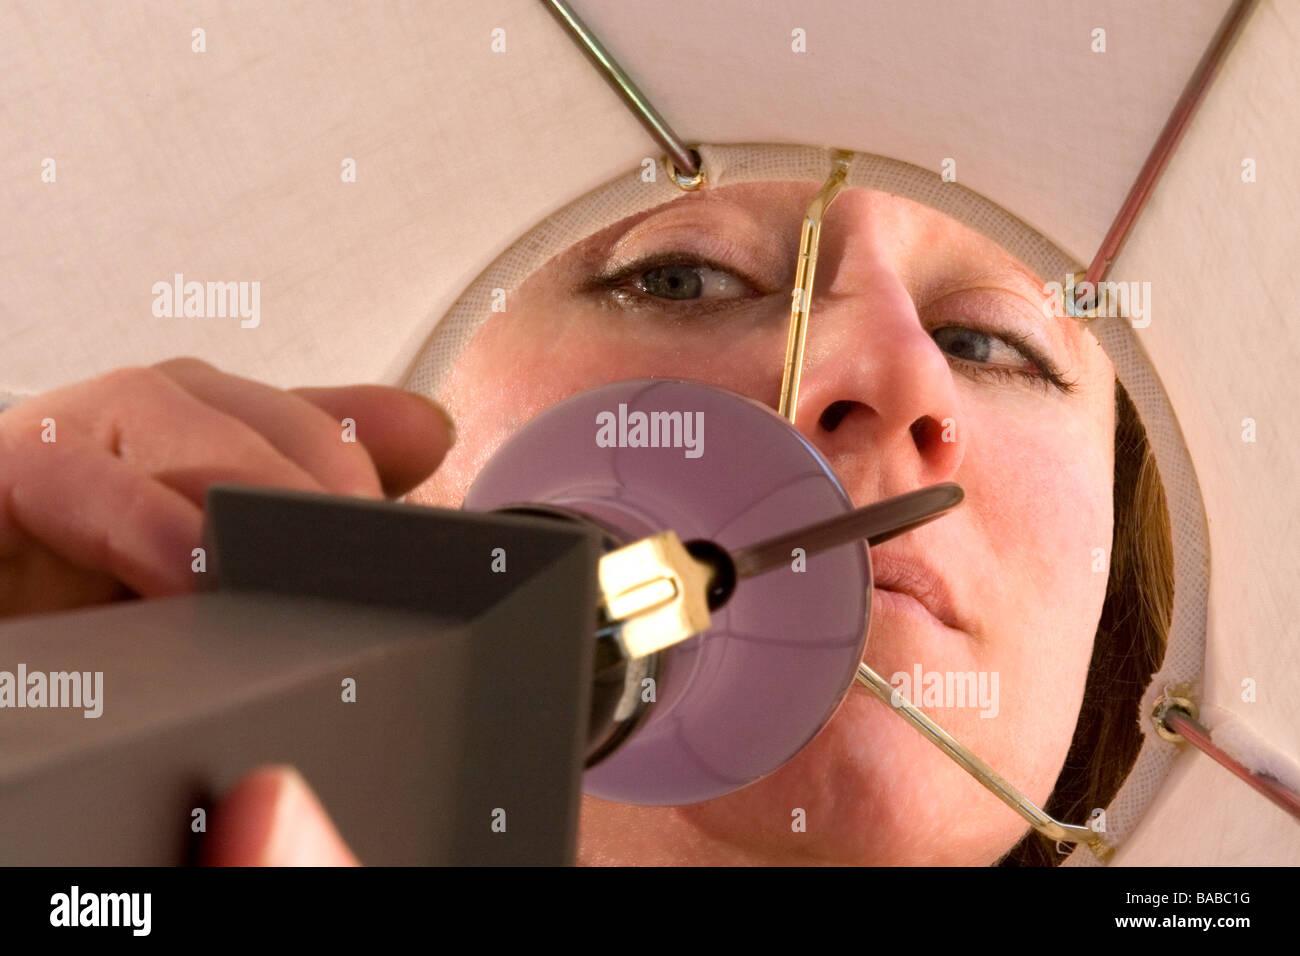 Un gros plan d'une femme d'atteindre dans une lampe pour l'allumer. Photo Stock